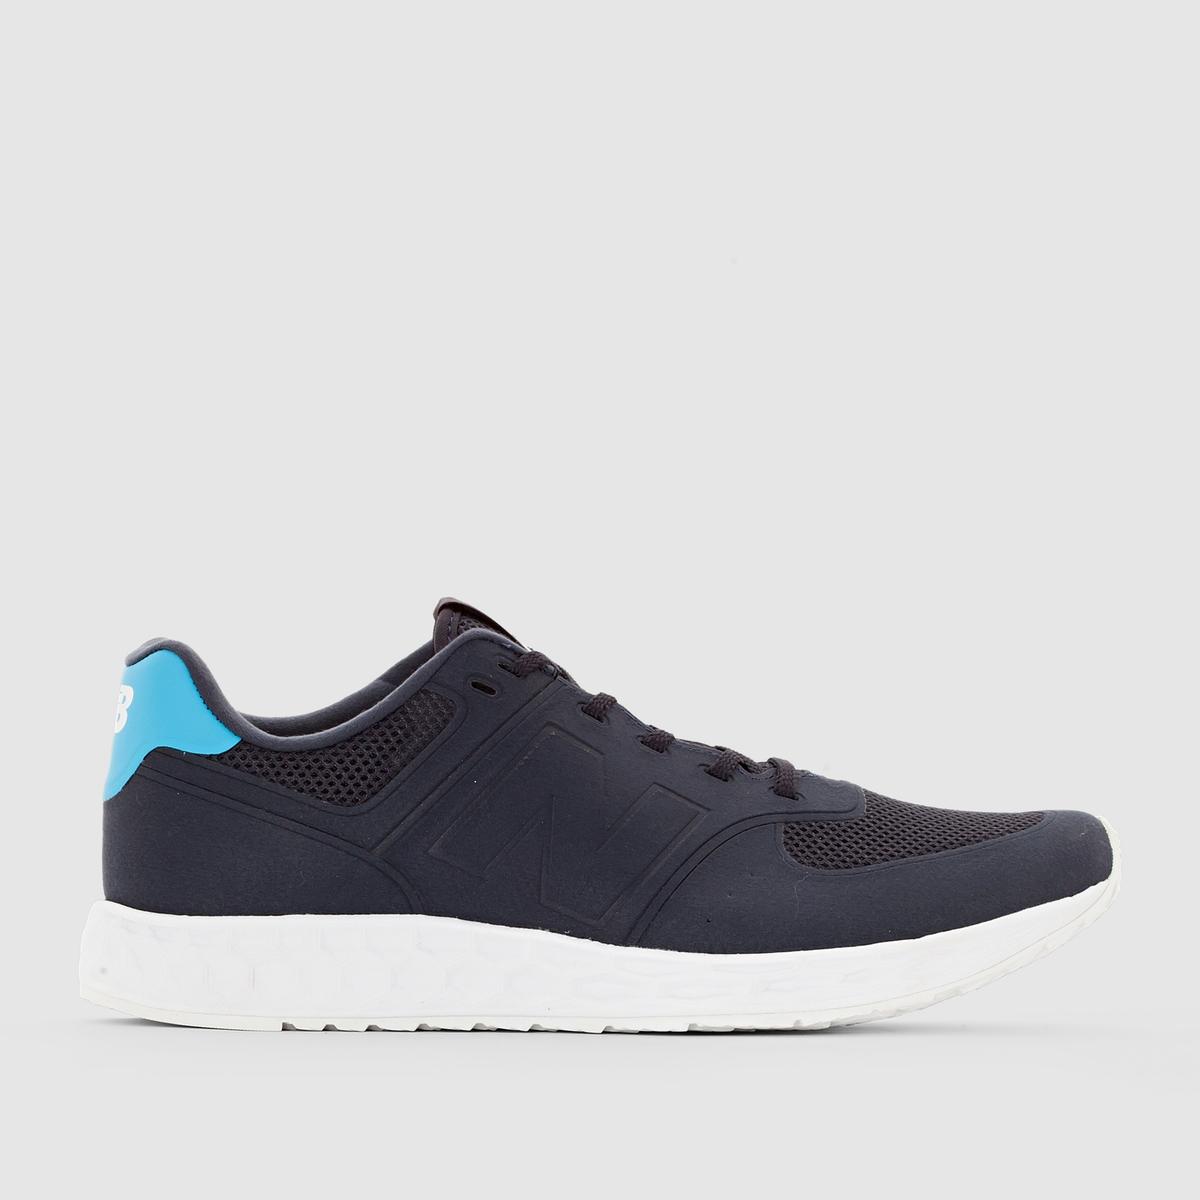 Кроссовки низкие - NEW BALANCE MFL 574 NBЗастежка: на шнуровке.      Преимущества модели: идеальный компромисс между модным дизайном и комфортом спортивной обуви. Новая цельнолитая подошва Fresh Foam из пеноматериала смягчает ударную нагрузку и не мешает естественному движению стопы.<br><br>Цвет: синий<br>Размер: 42